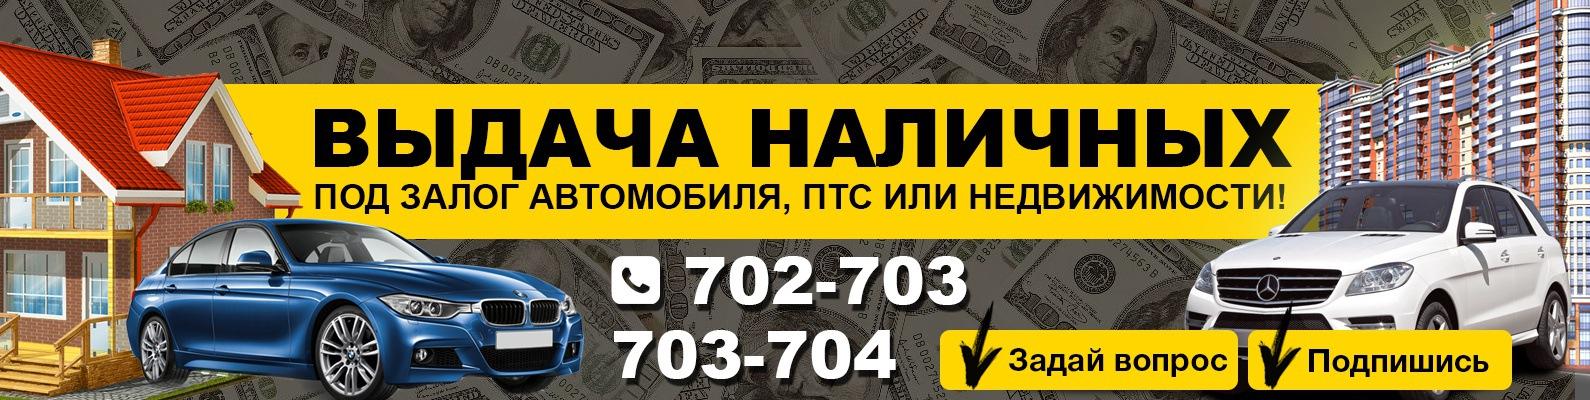 Деньги под залог автомобиля Заветная улица автозалог под птс в череповце